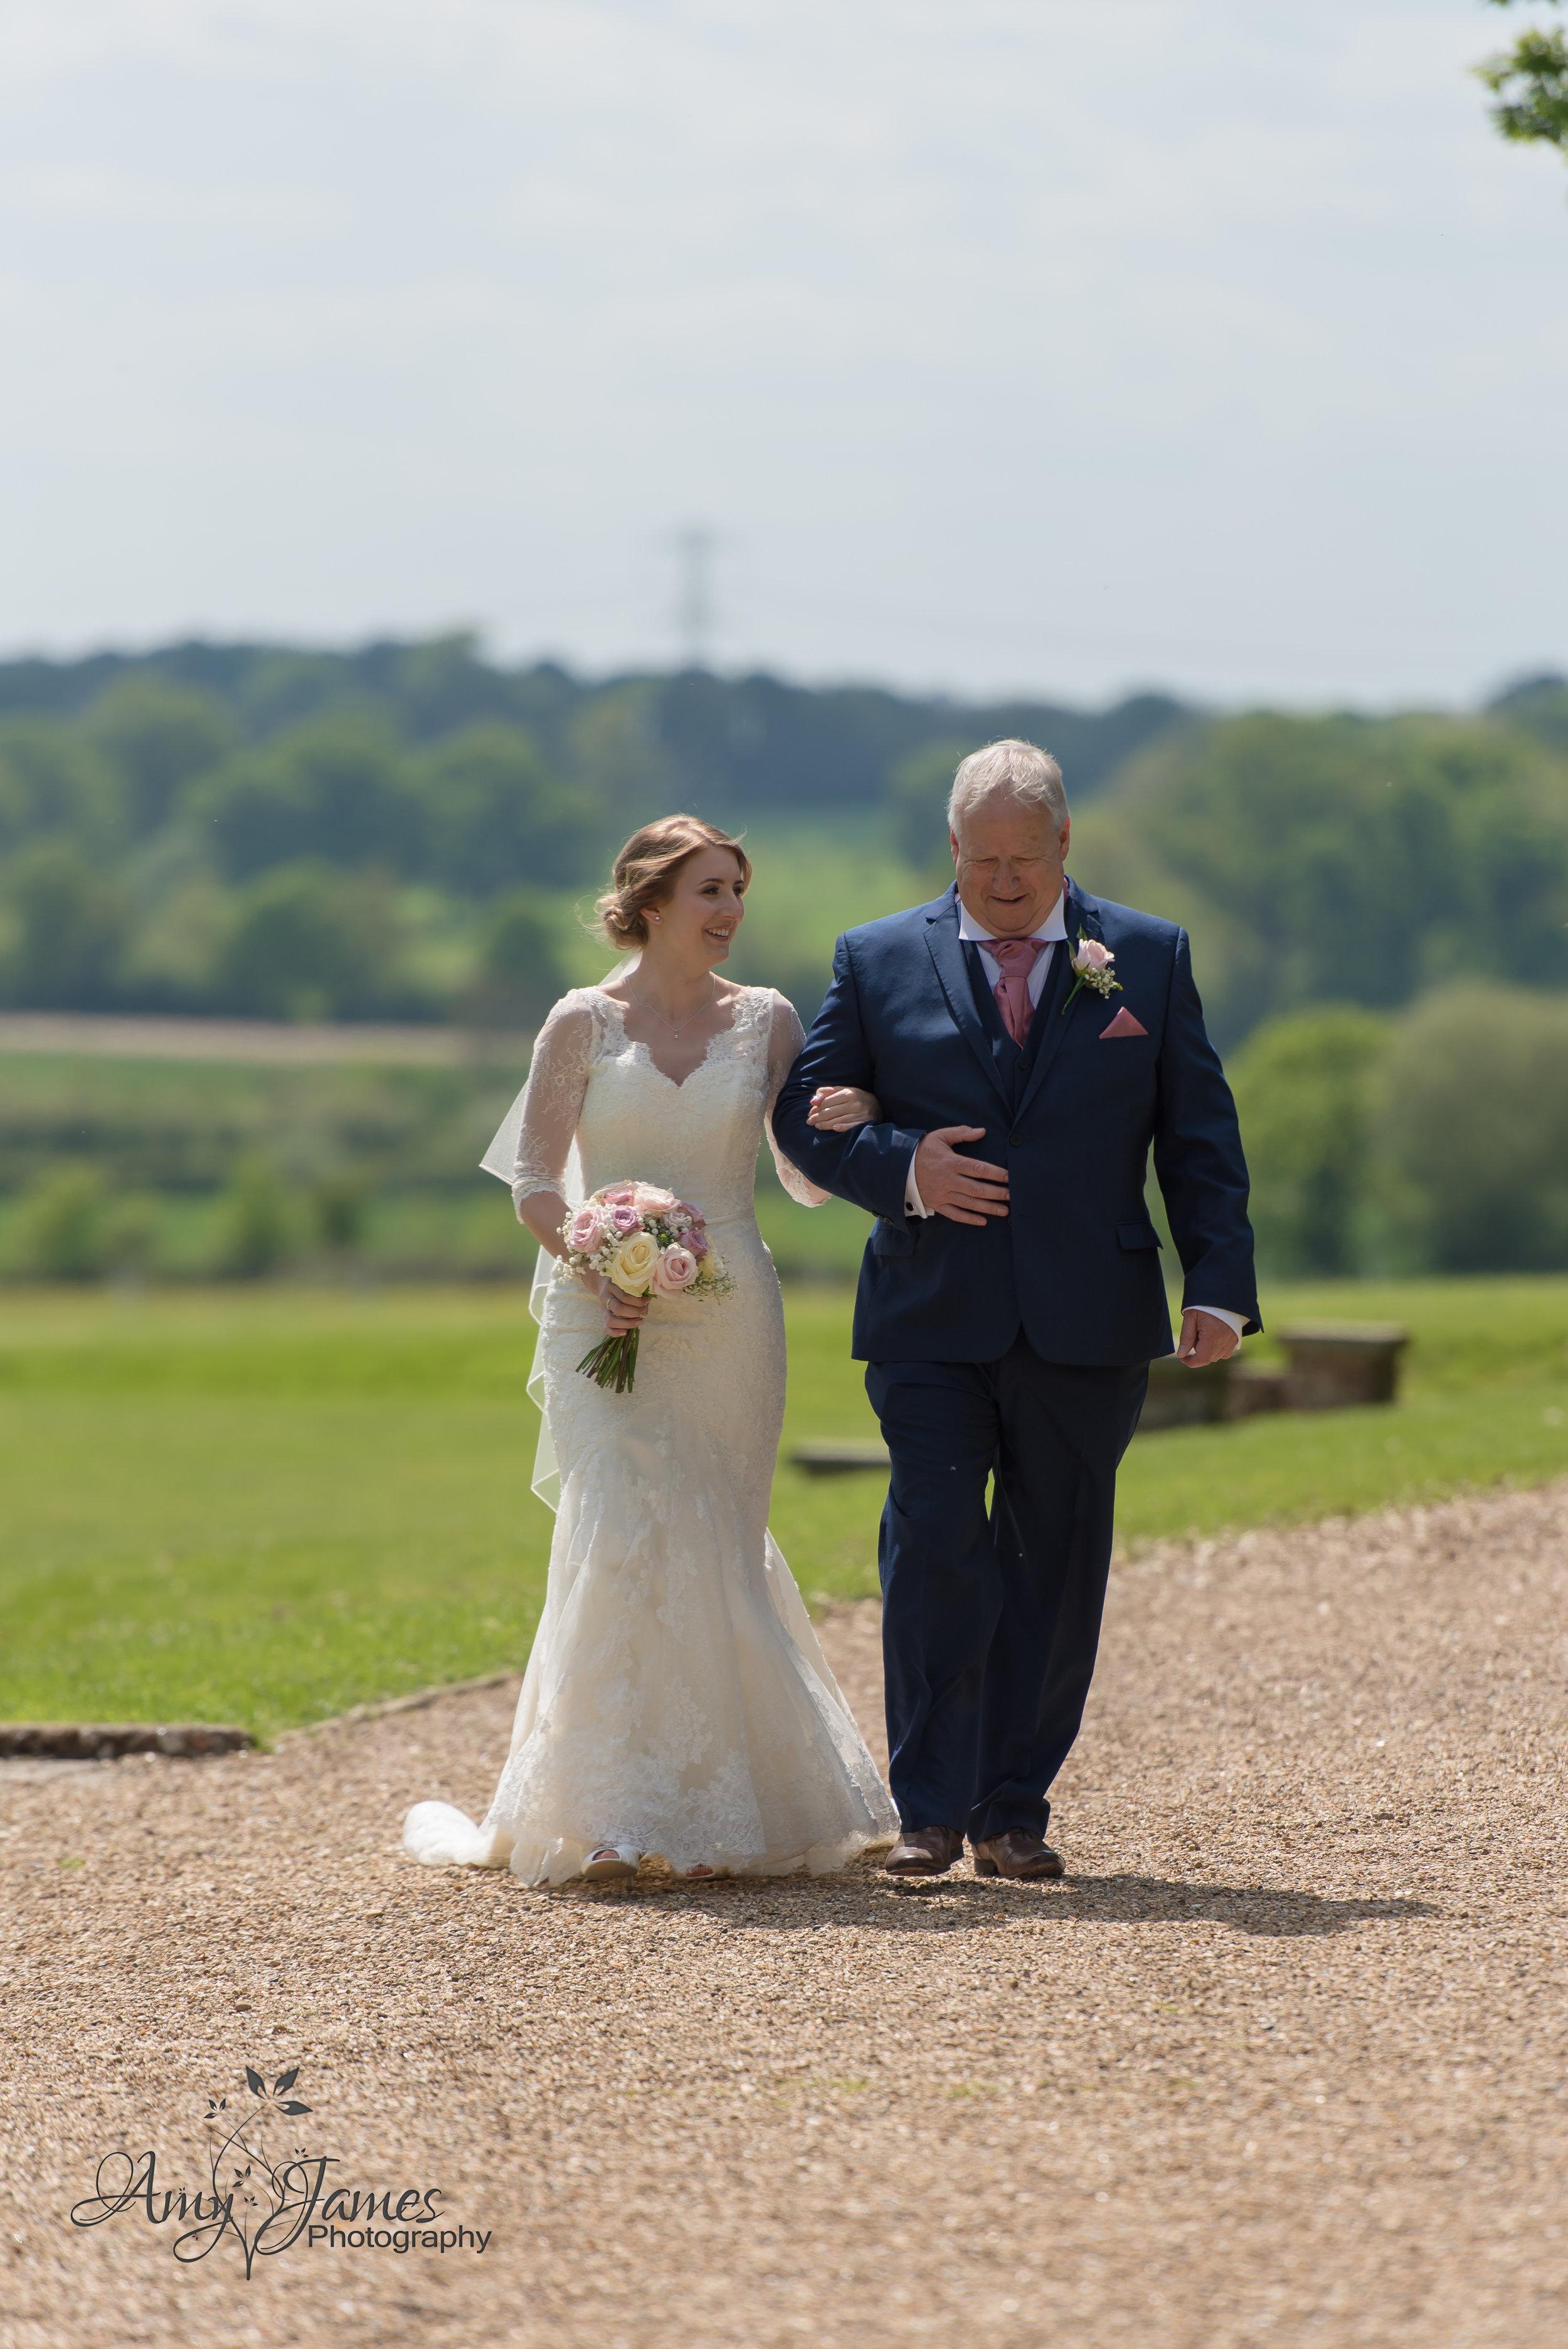 Hampsire Wedding Photographer | Fleet Wedding Photographer | Highfield Park Wedding Venue | Highfield Park Wedding Photographer | Amy James Photography